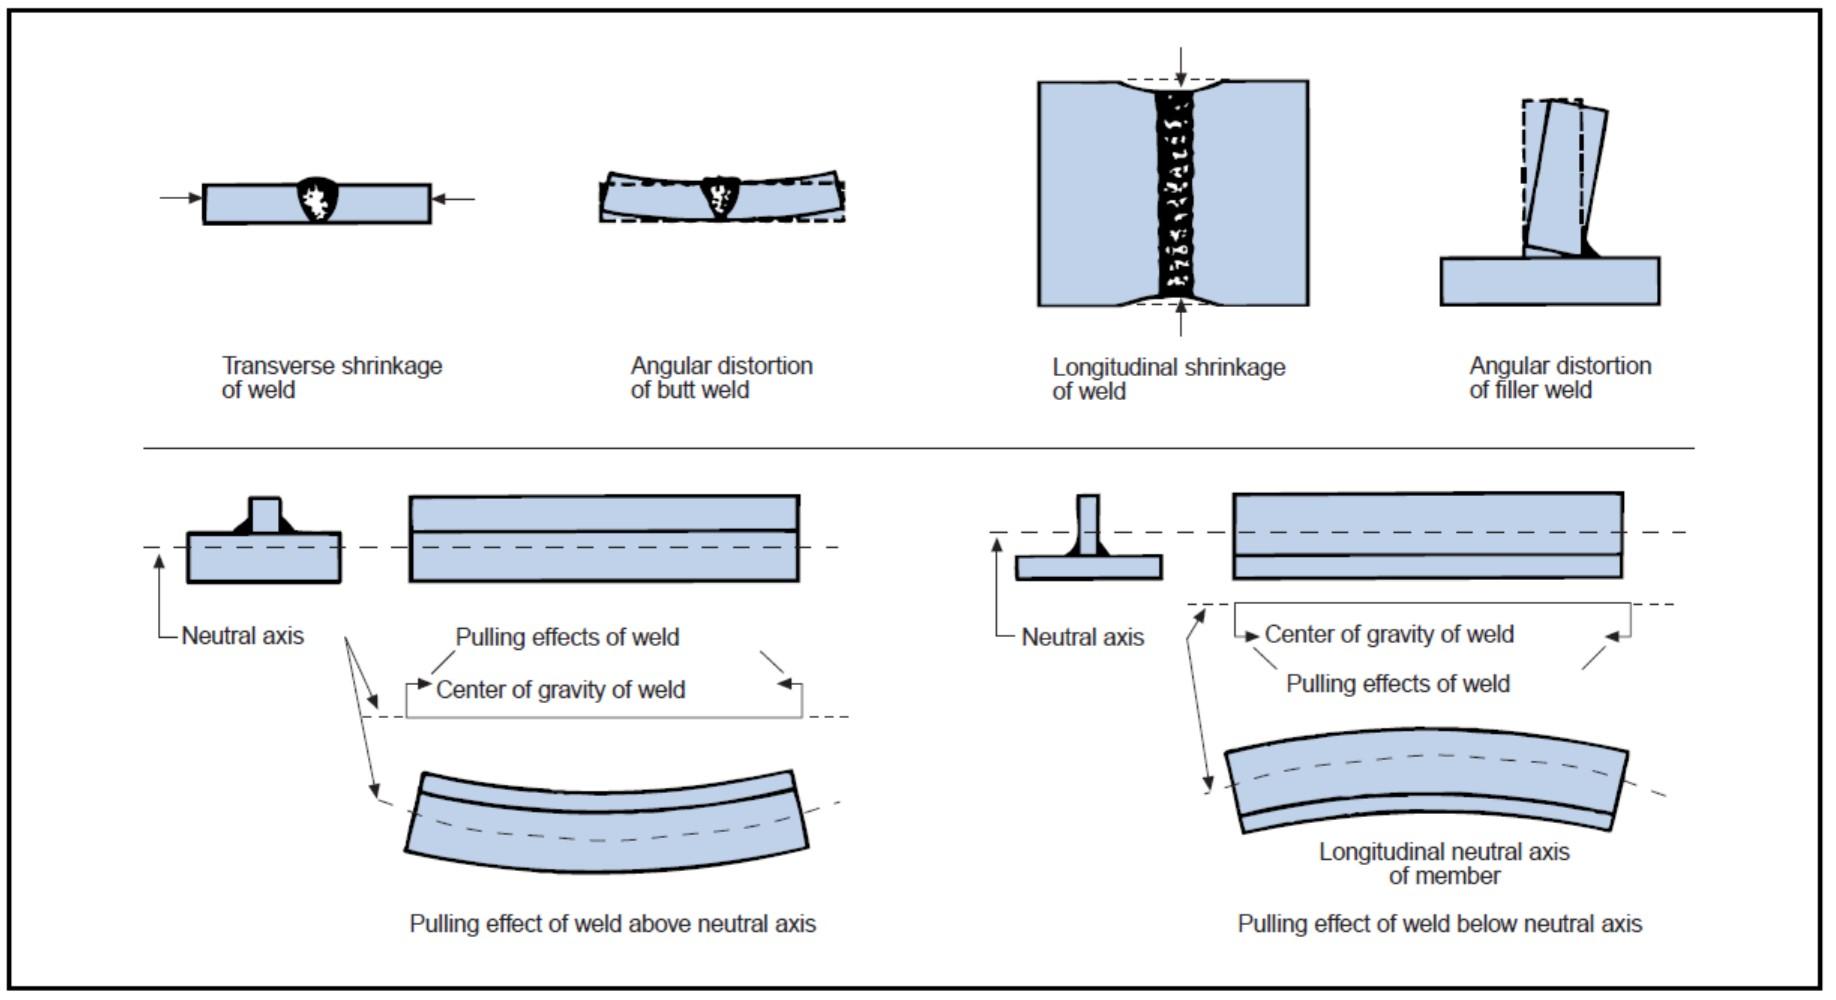 welding defects rh haynesintl com types of welding defects with diagram welding defects in piping with [ 1836 x 1000 Pixel ]